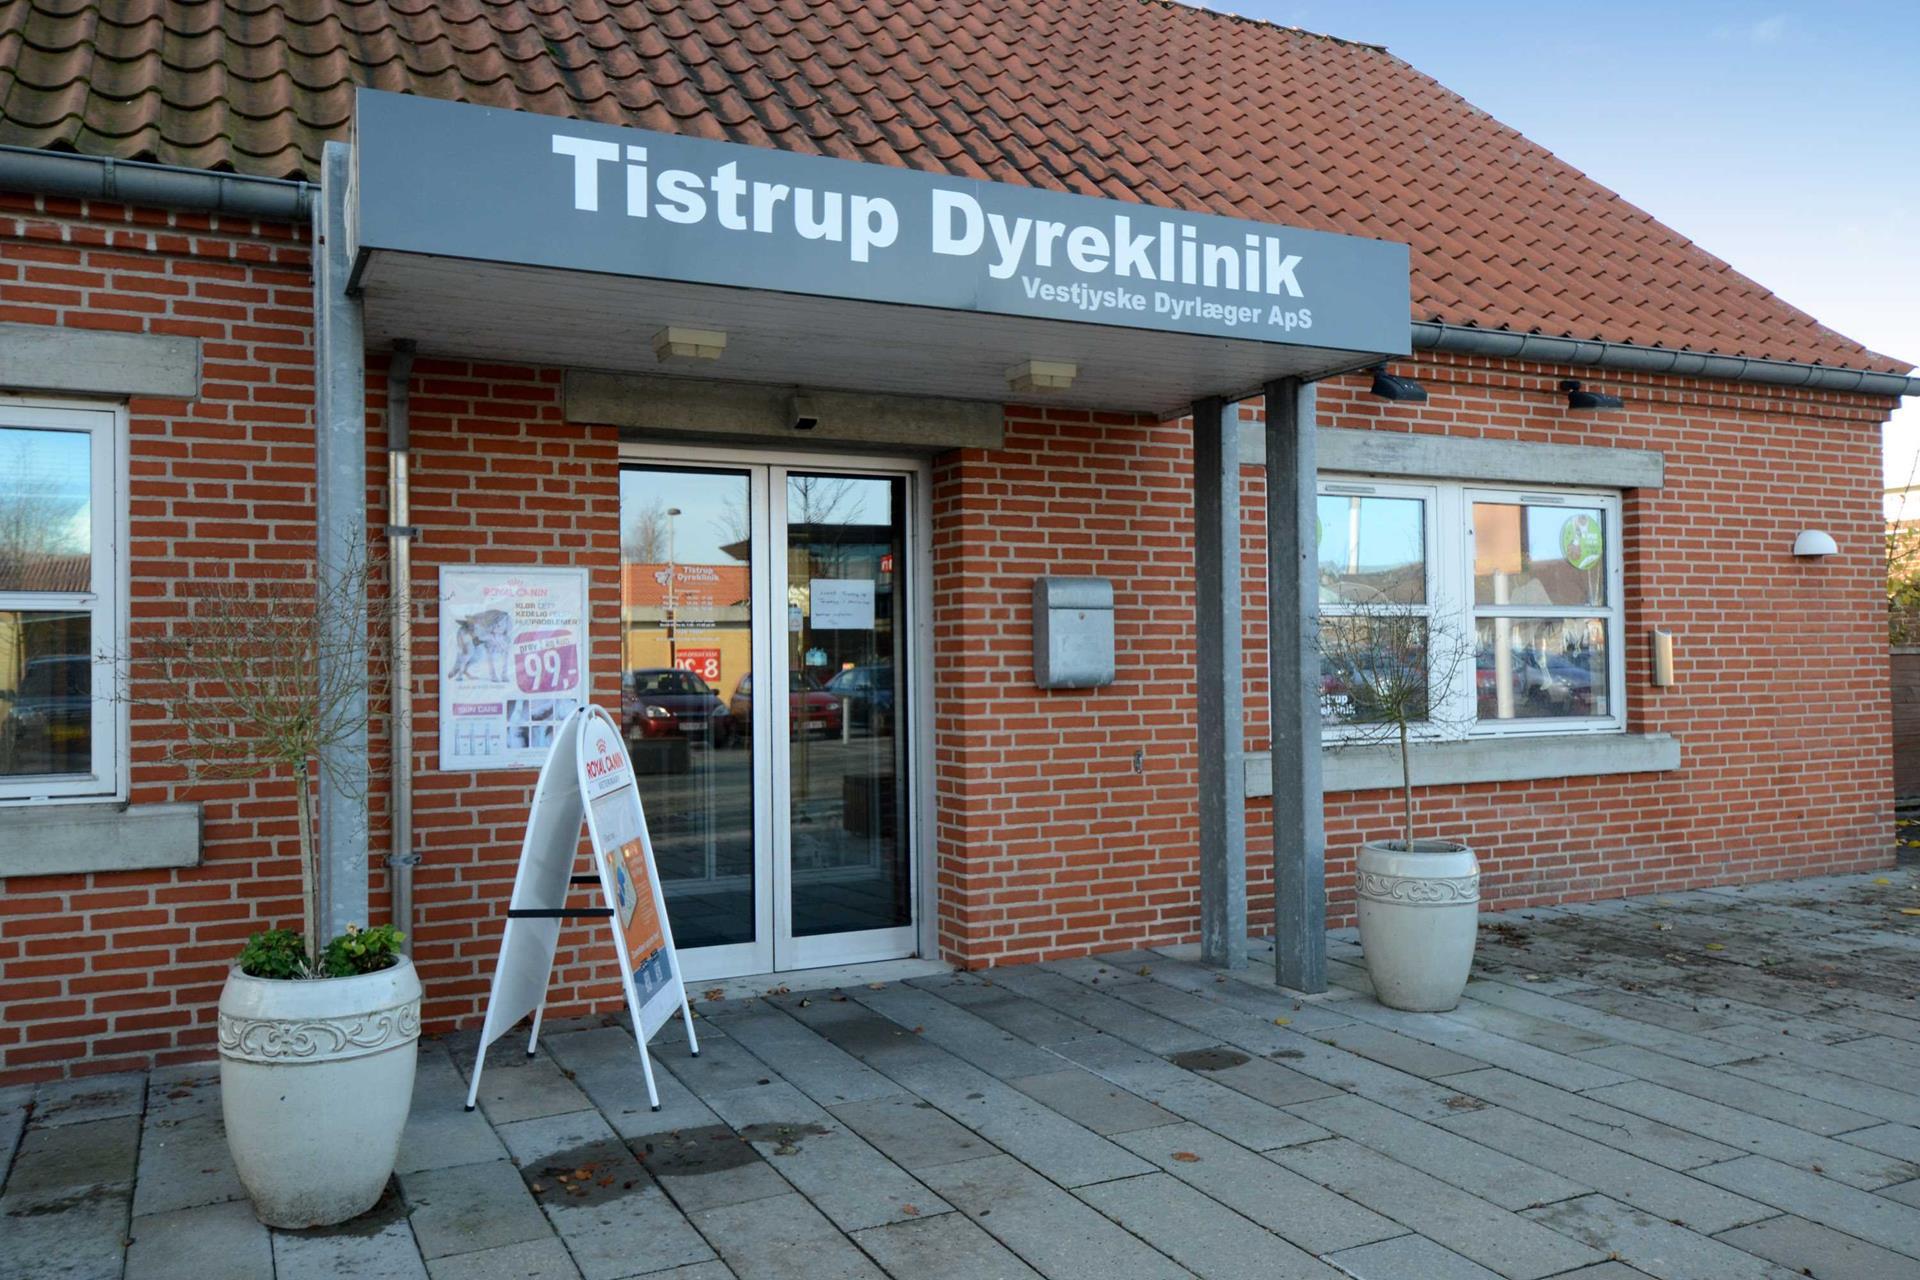 Bolig/erhverv på Torvet i Tistrup - Indgang